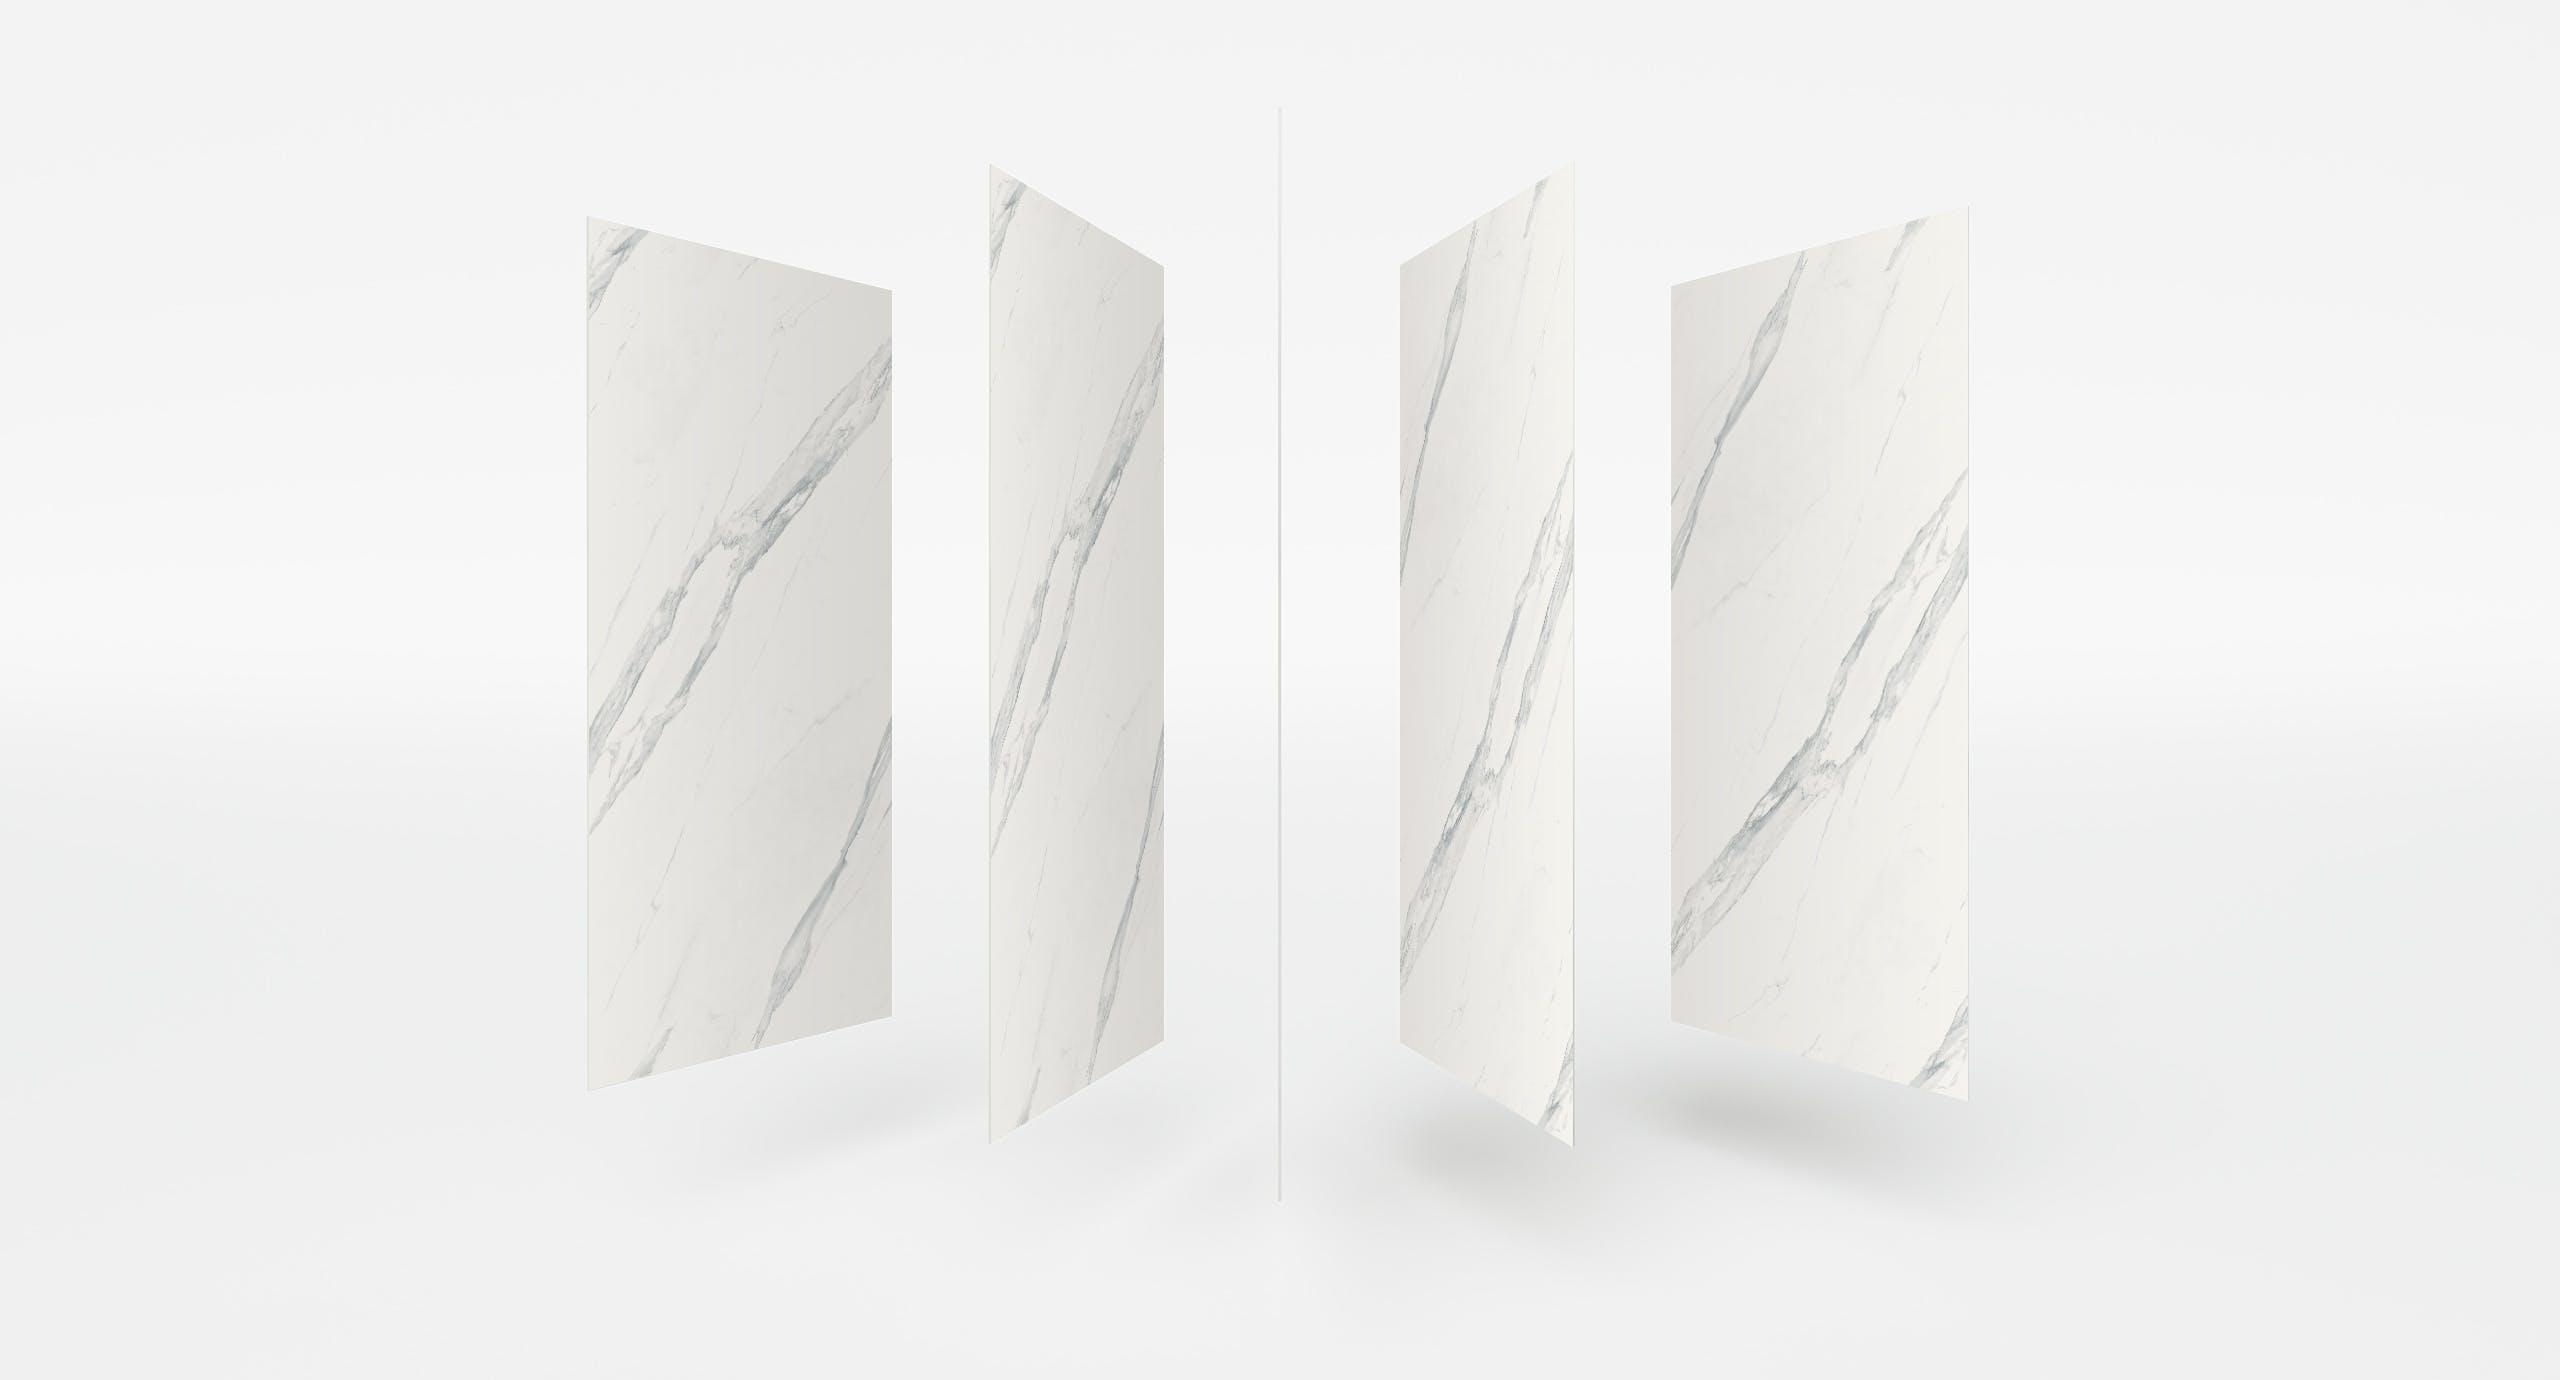 Image of Dekton Slim 4mm vista Tablas 2 1 in Dekton® Slim - Cosentino